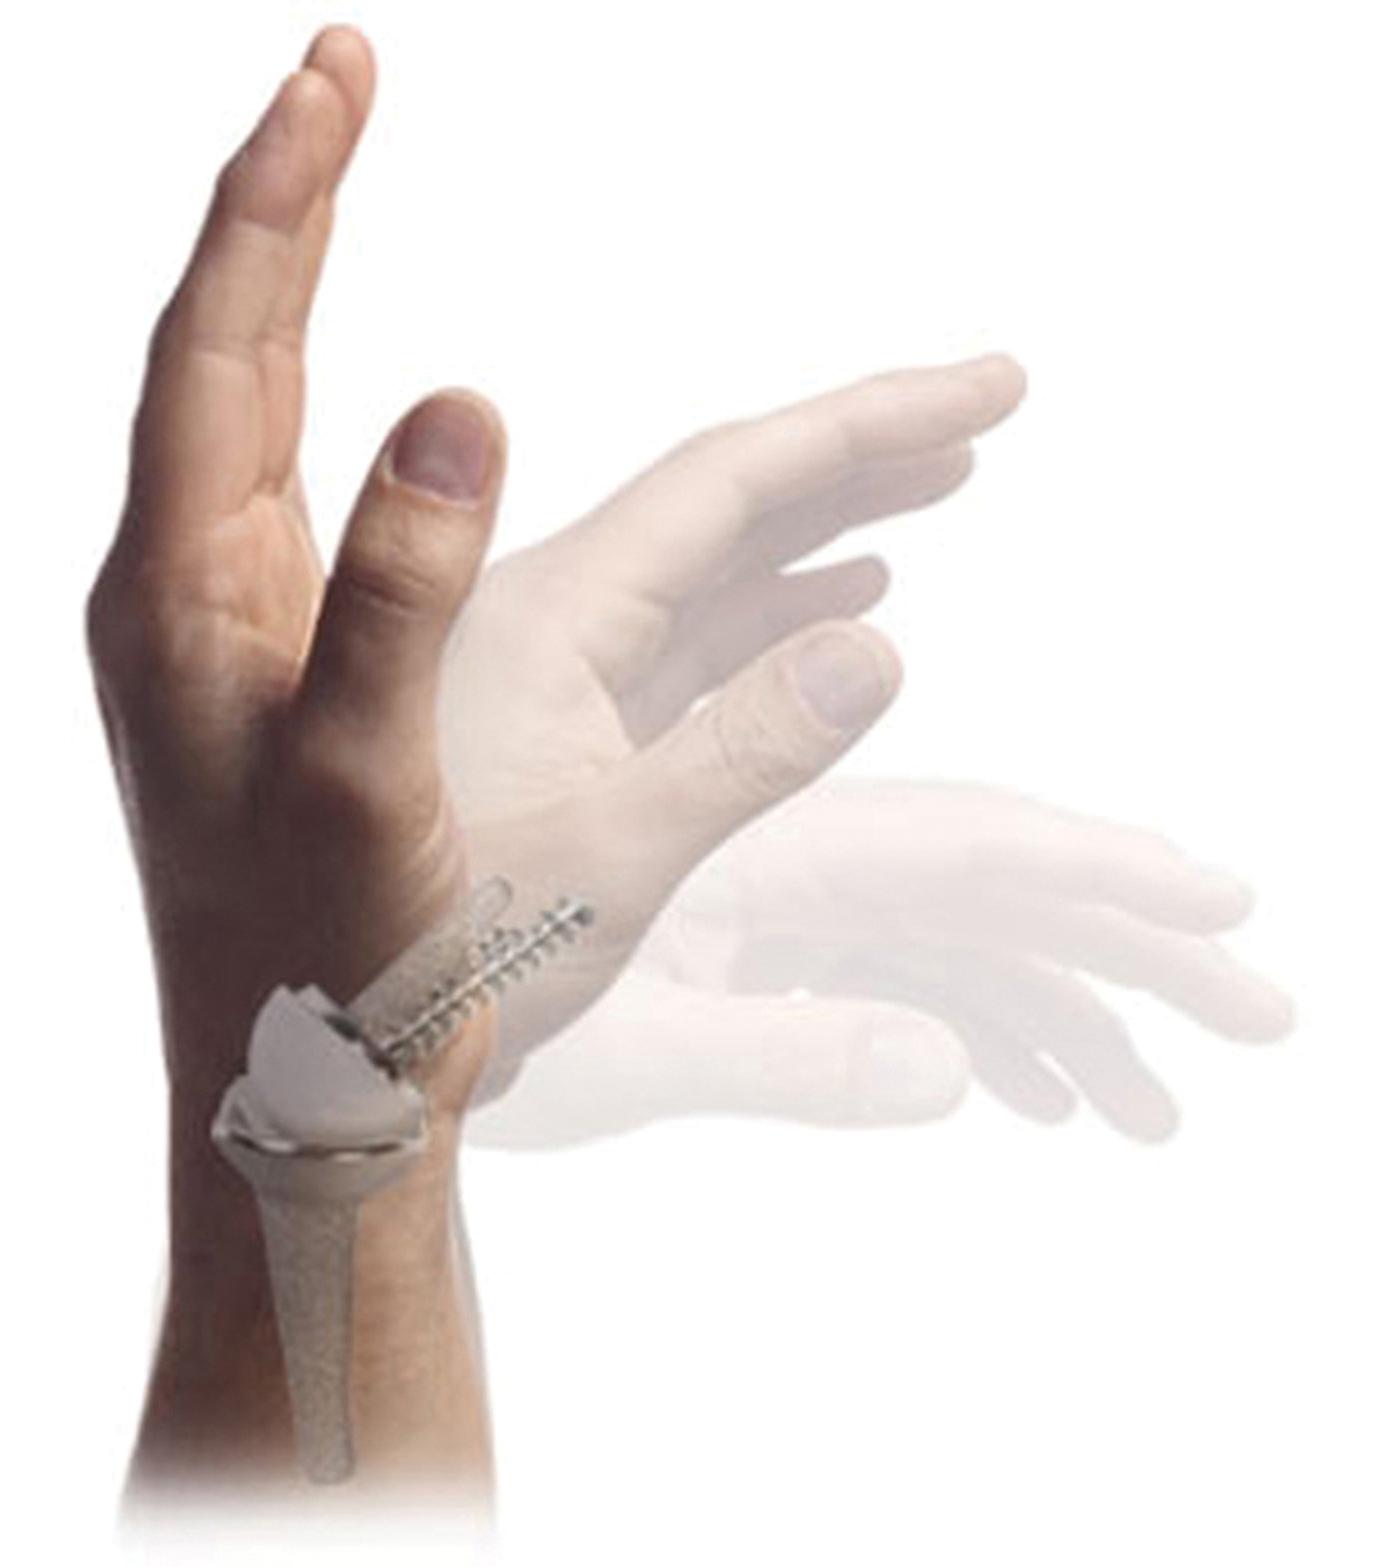 Endoprothetische Versorgung am rheumatischen Handgelenk | SpringerLink